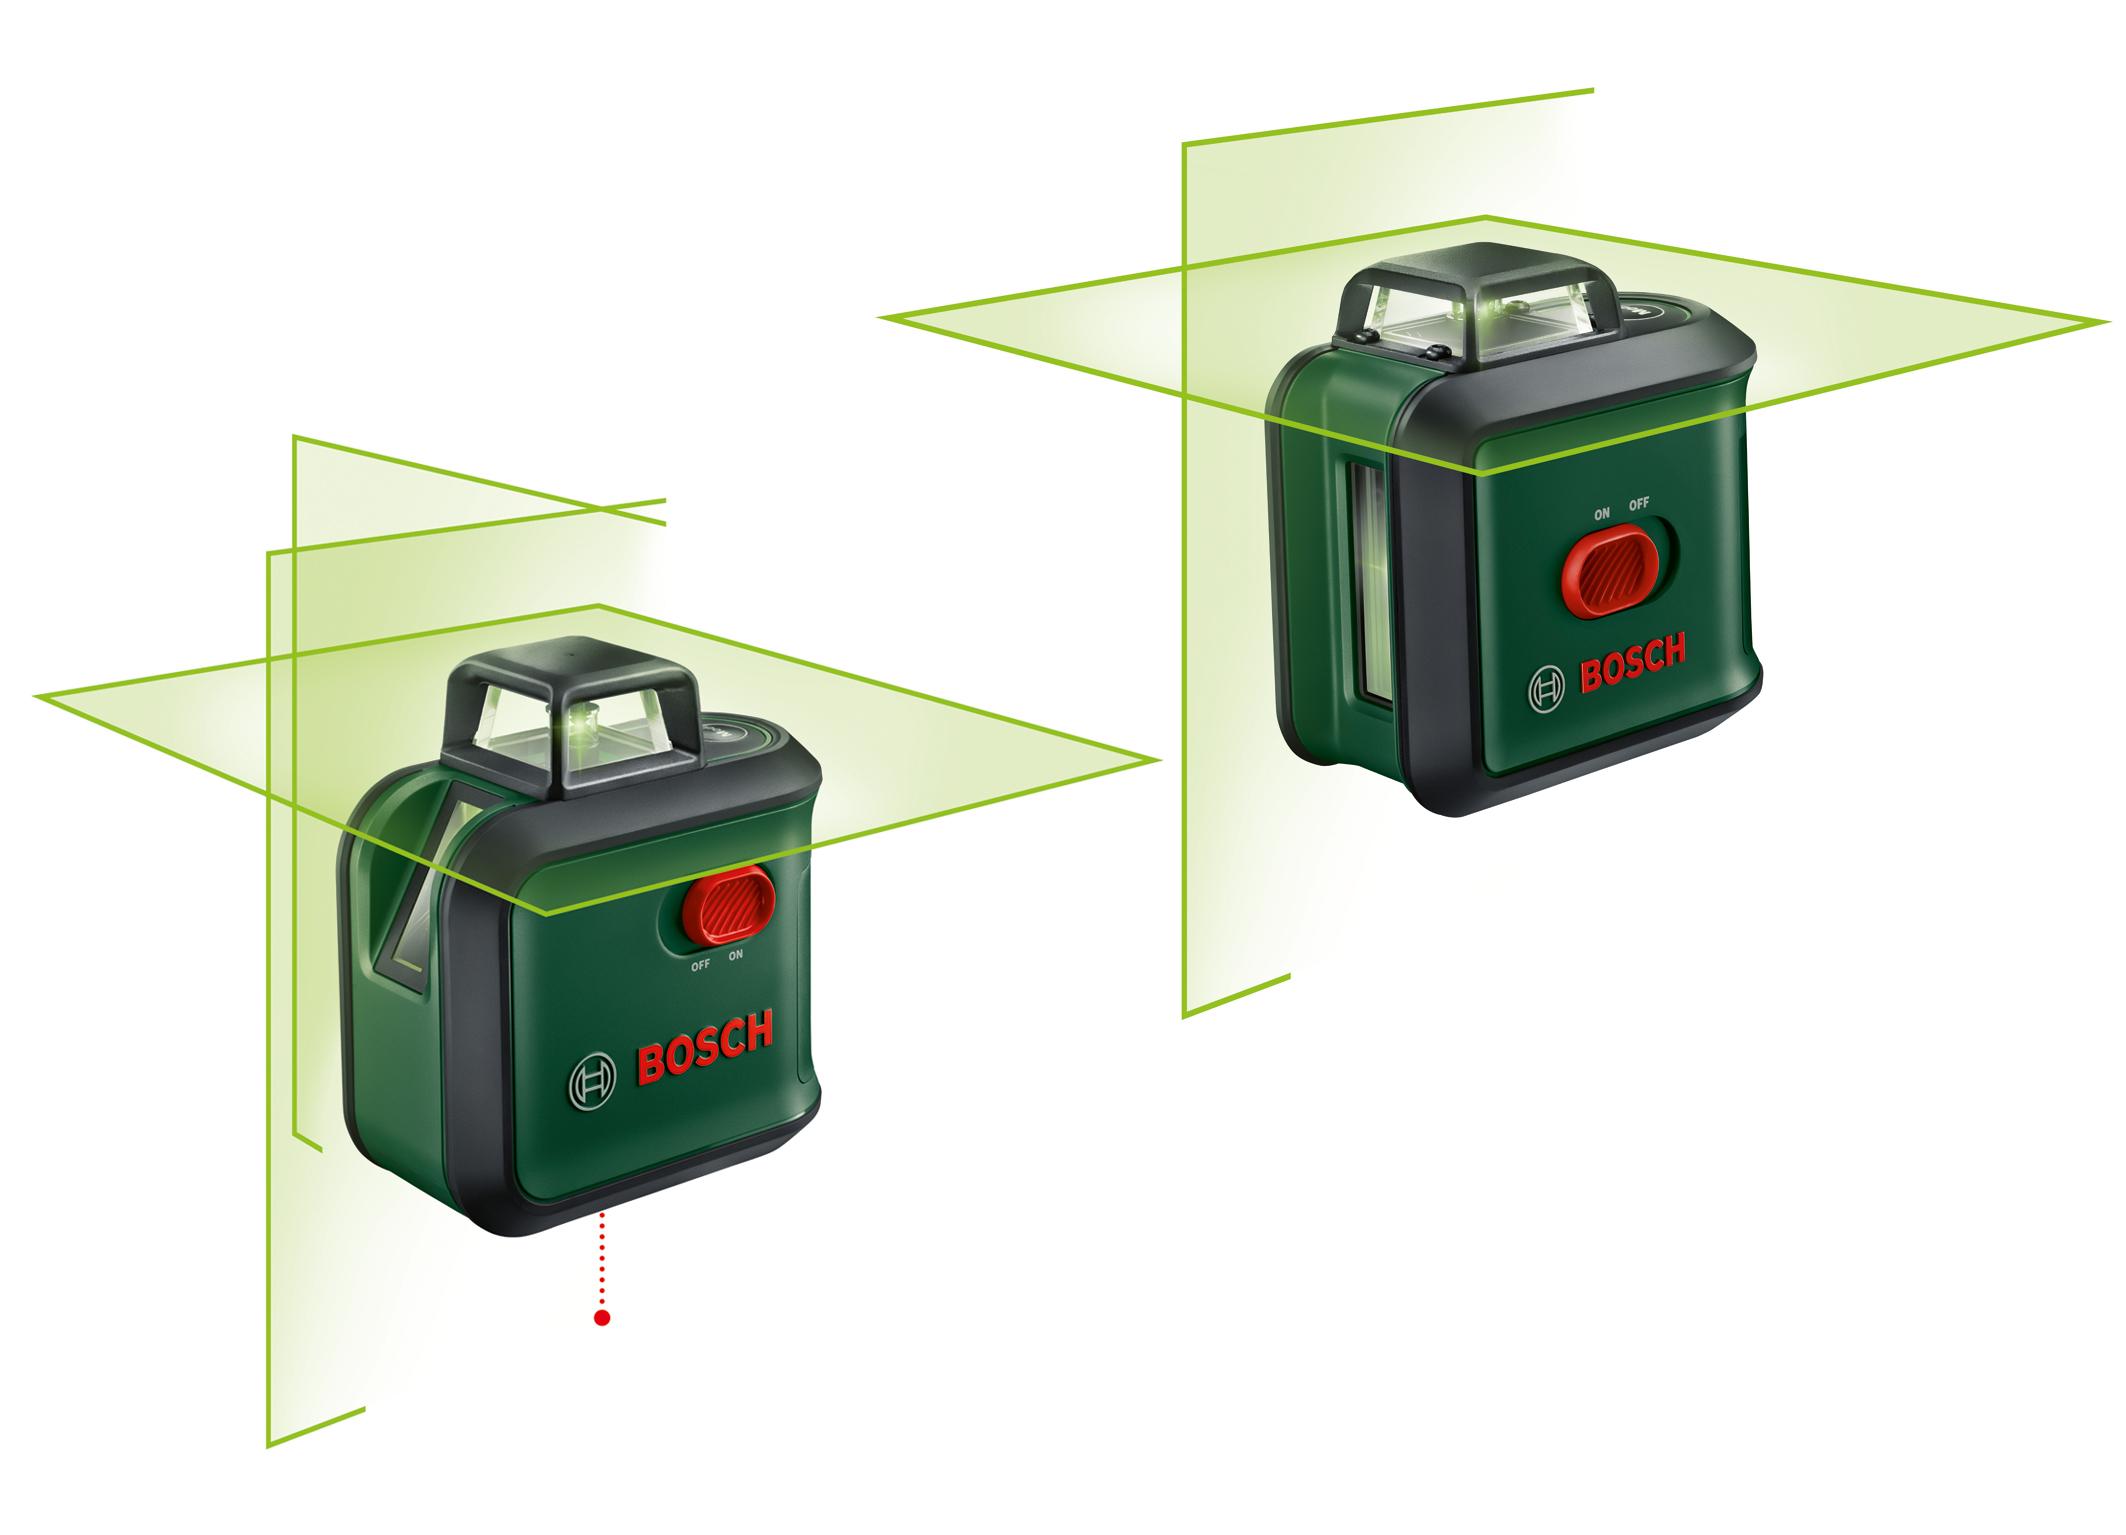 Zelené laserové diody pro lepší viditelnost: Nové 360 stupňové liniové lasery od firmy Bosch pro kutily